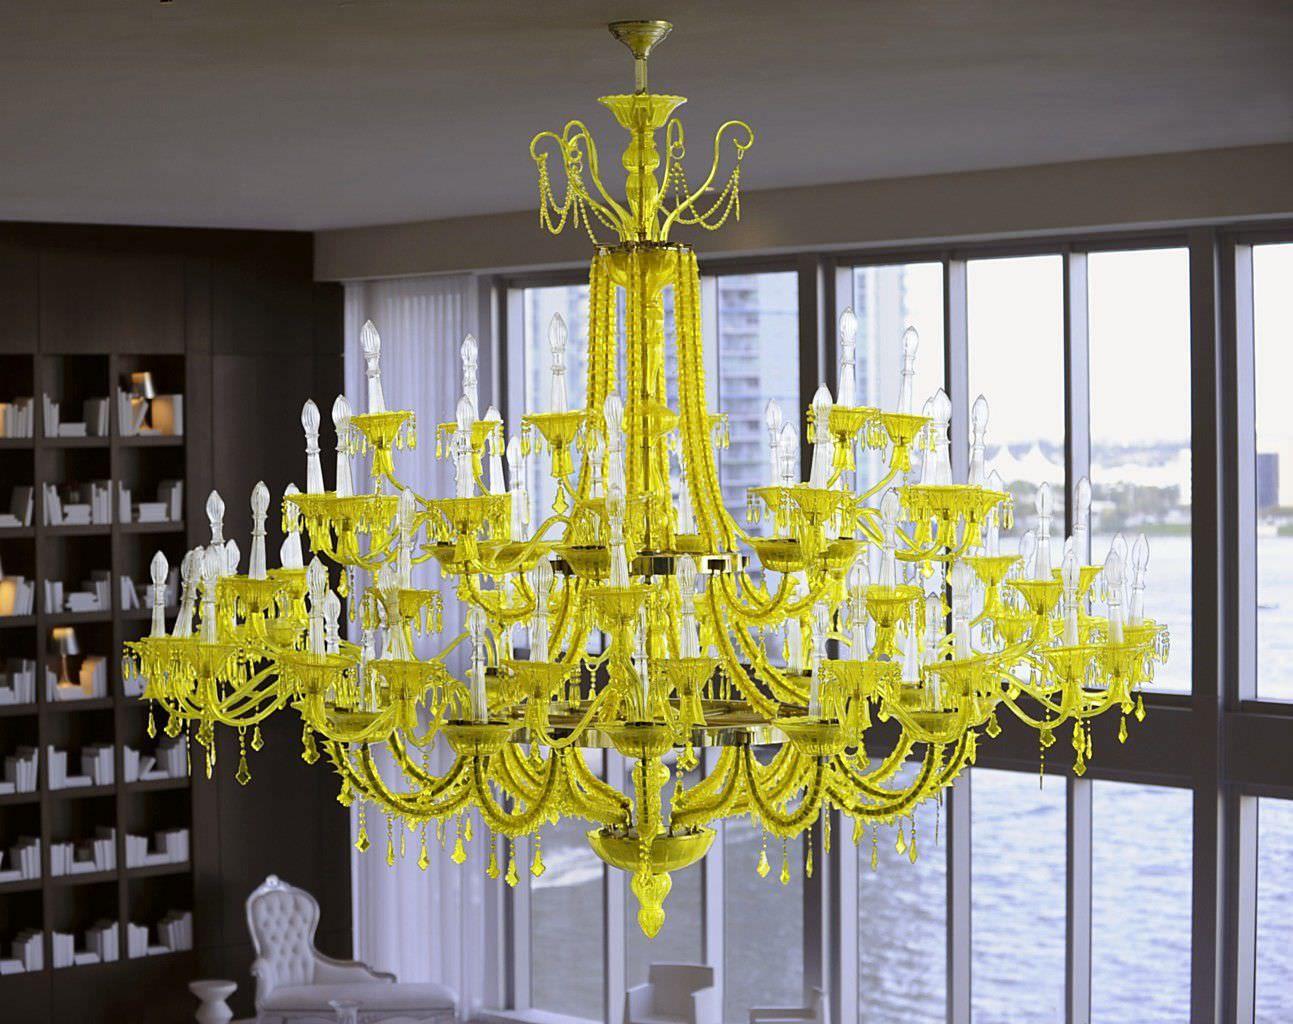 Original design blown glass chandeliers handmade philippe starck original design blown glass chandeliers handmade philippe starck arubaitofo Gallery